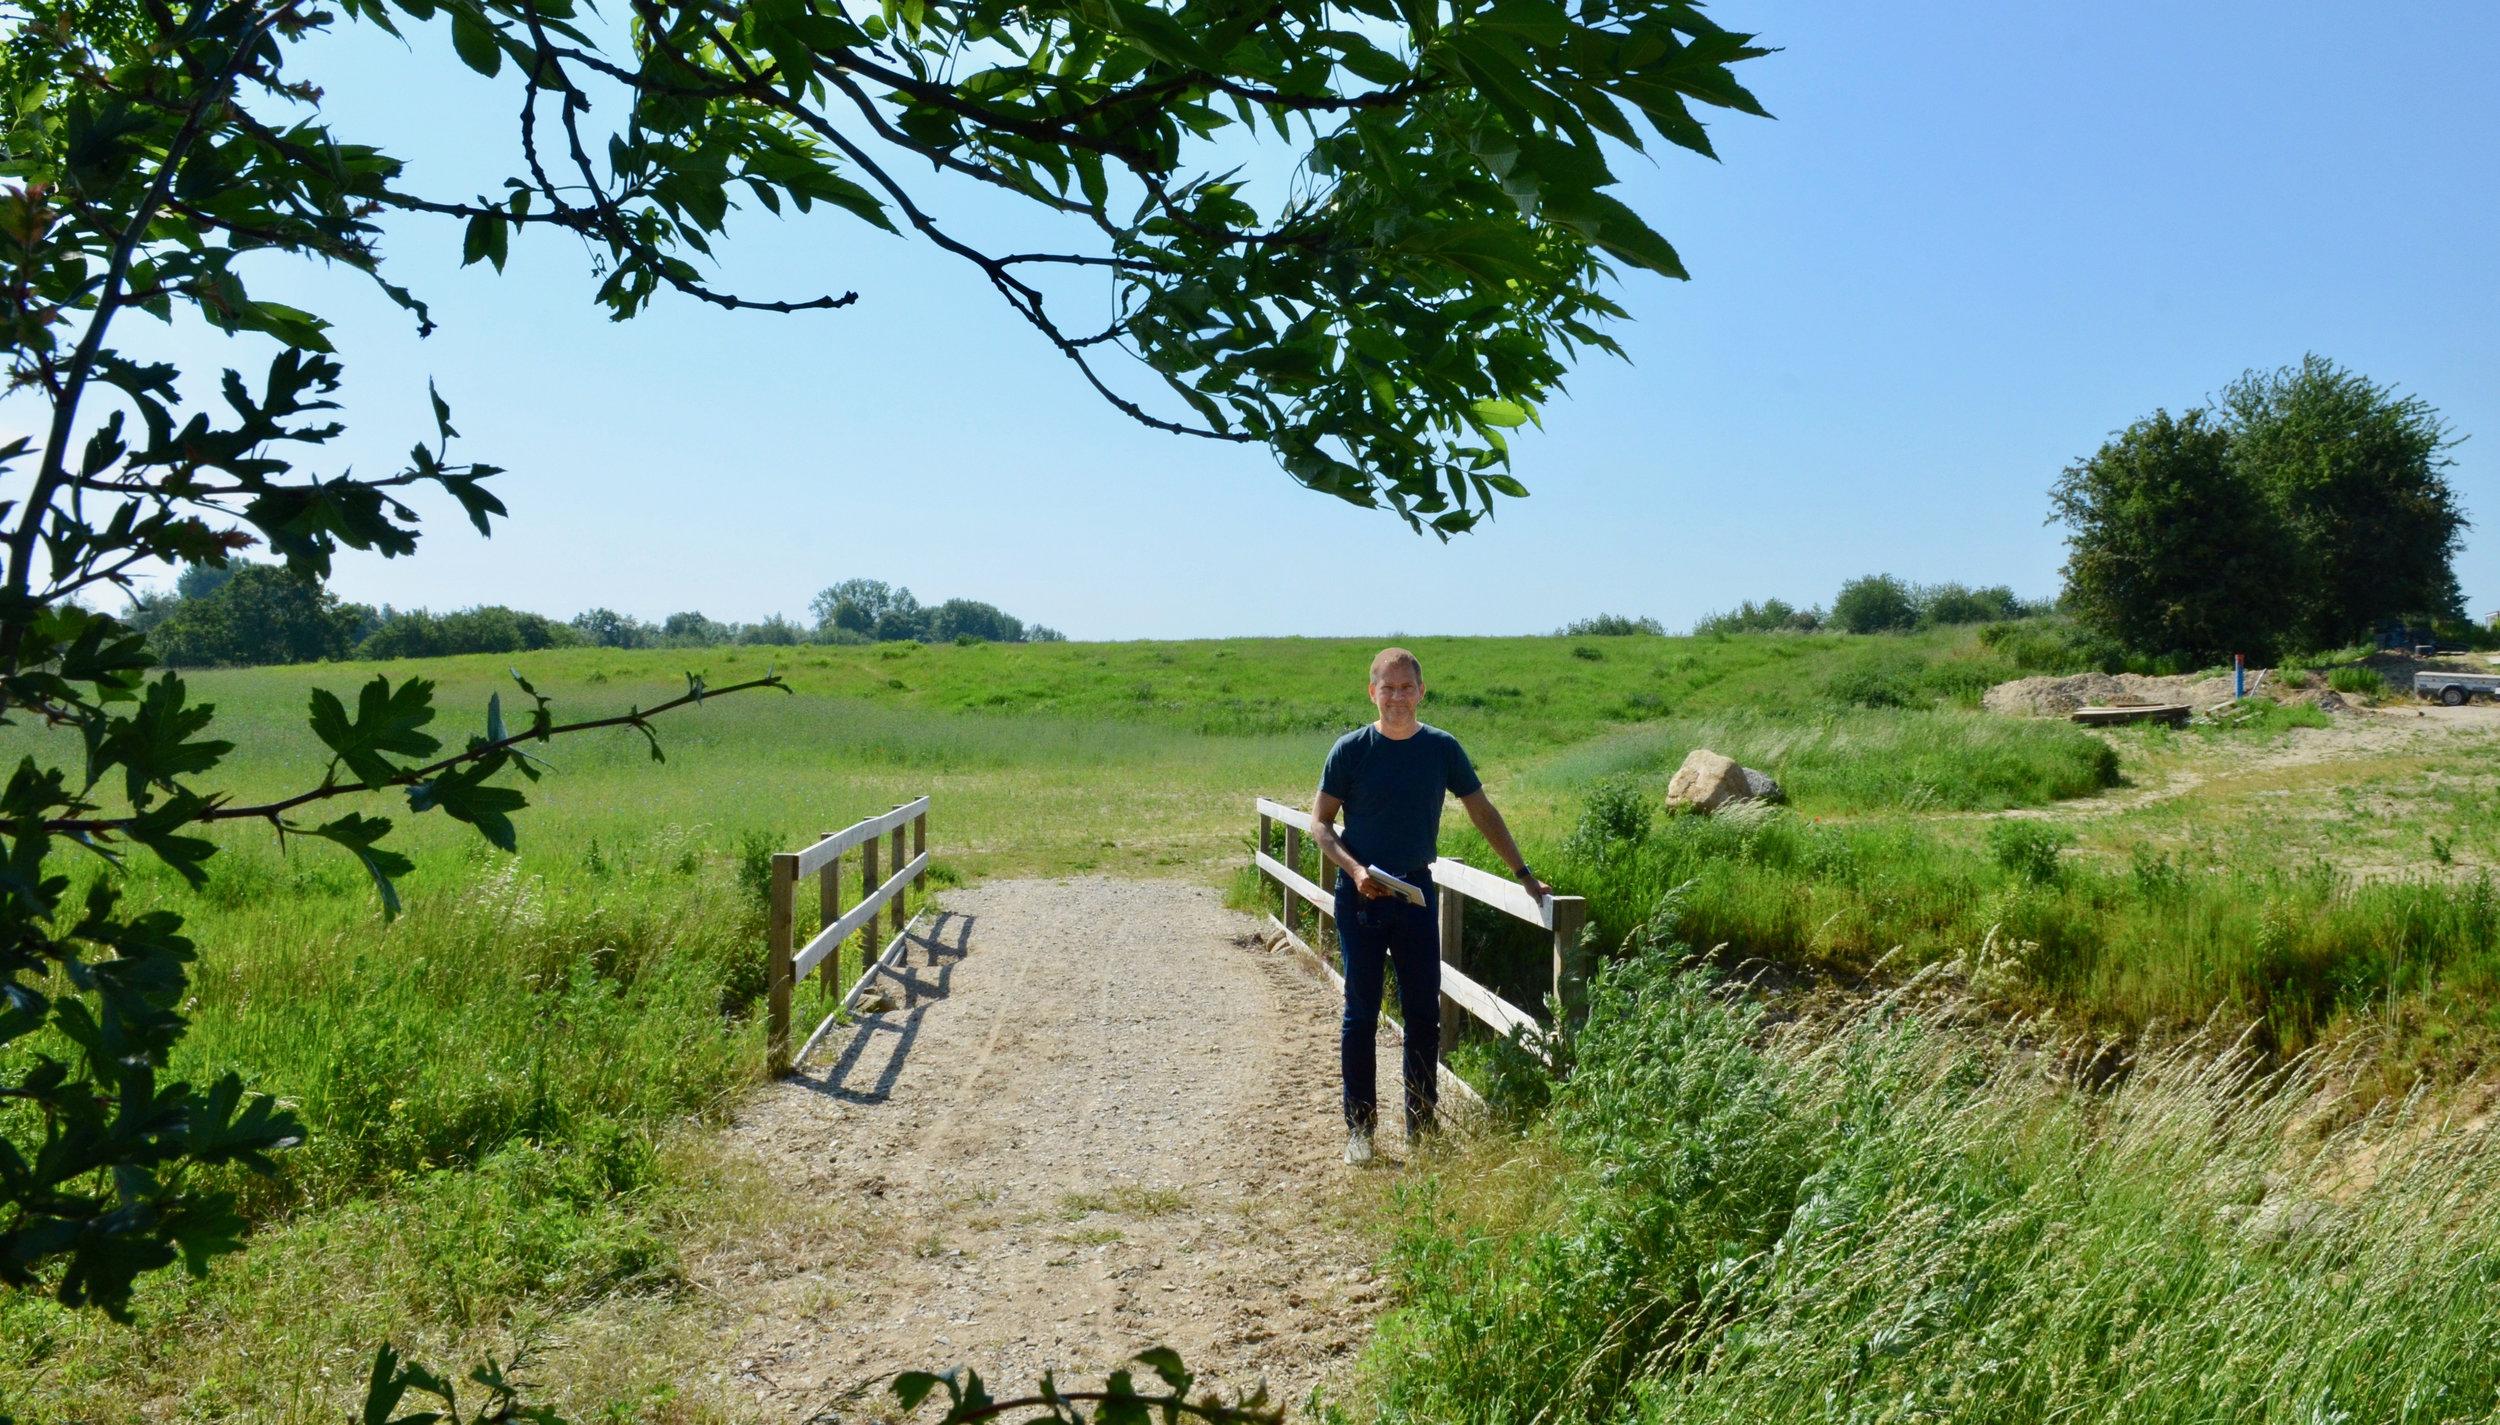 Allerød Kommunes planchef, Per Jul Hansen, har vist rundt på de nye grønne områder mellem de enkelte bebyggelser ved Drabæk Huse, Frugtlunden og Grønningen .  Foto: AOB